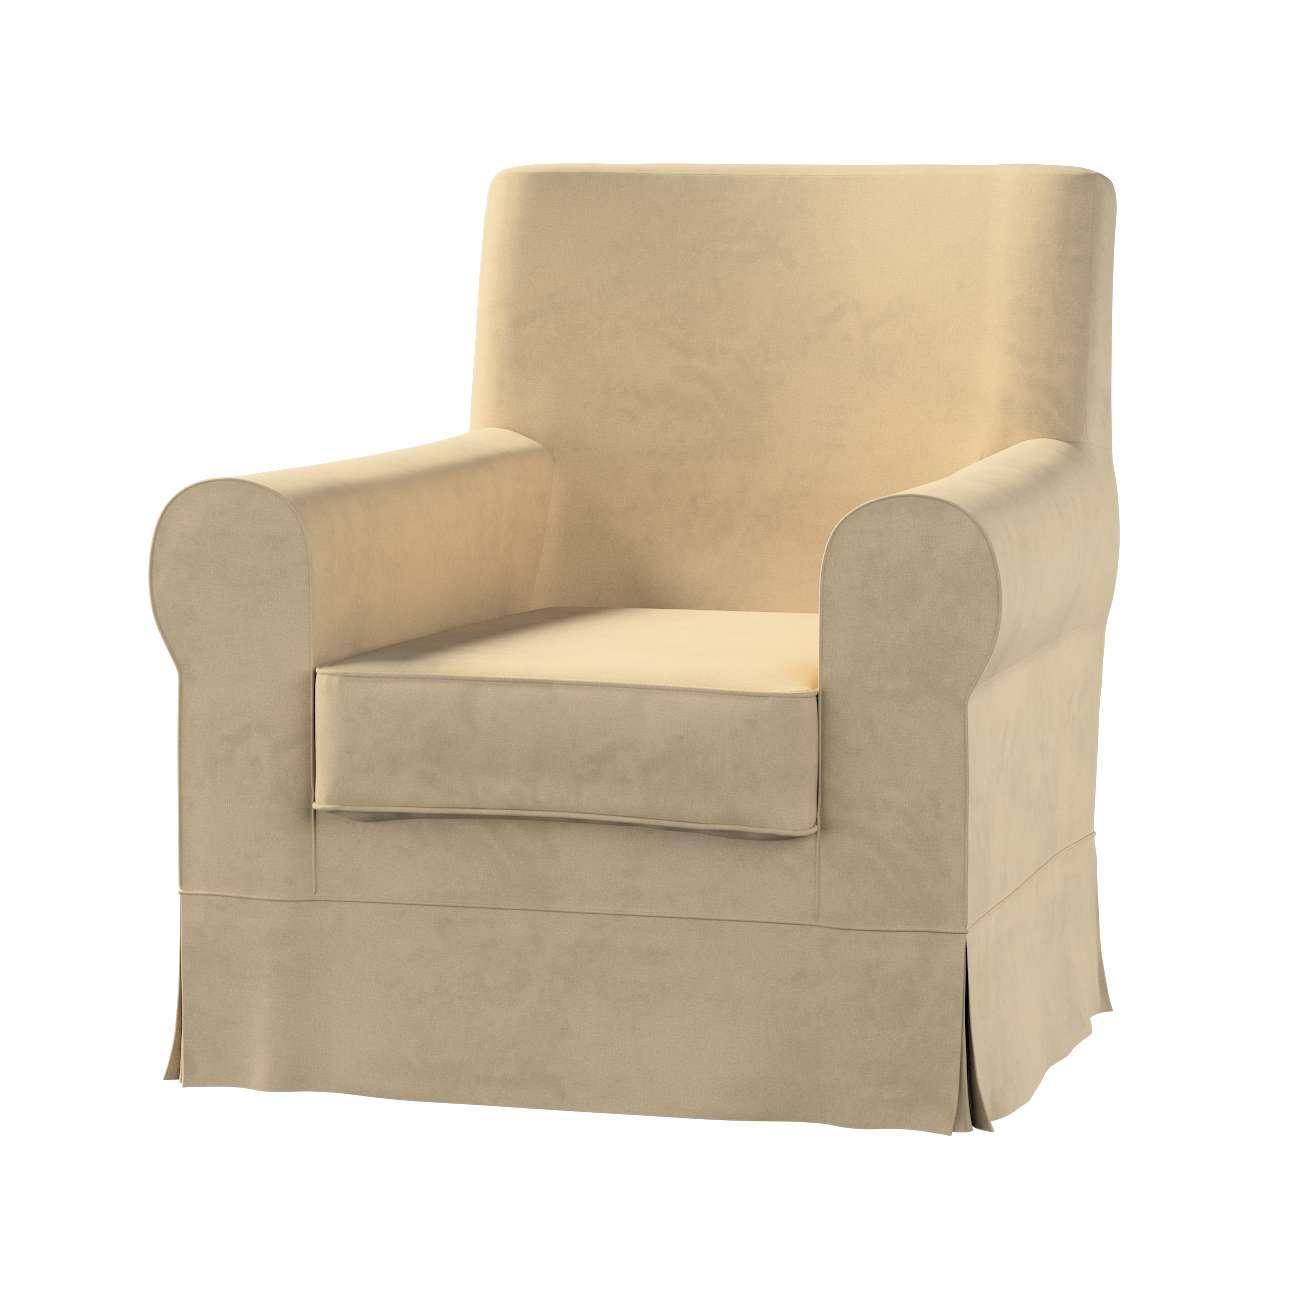 Pokrowiec na fotel Ektorp Jennylund w kolekcji Living II, tkanina: 160-82